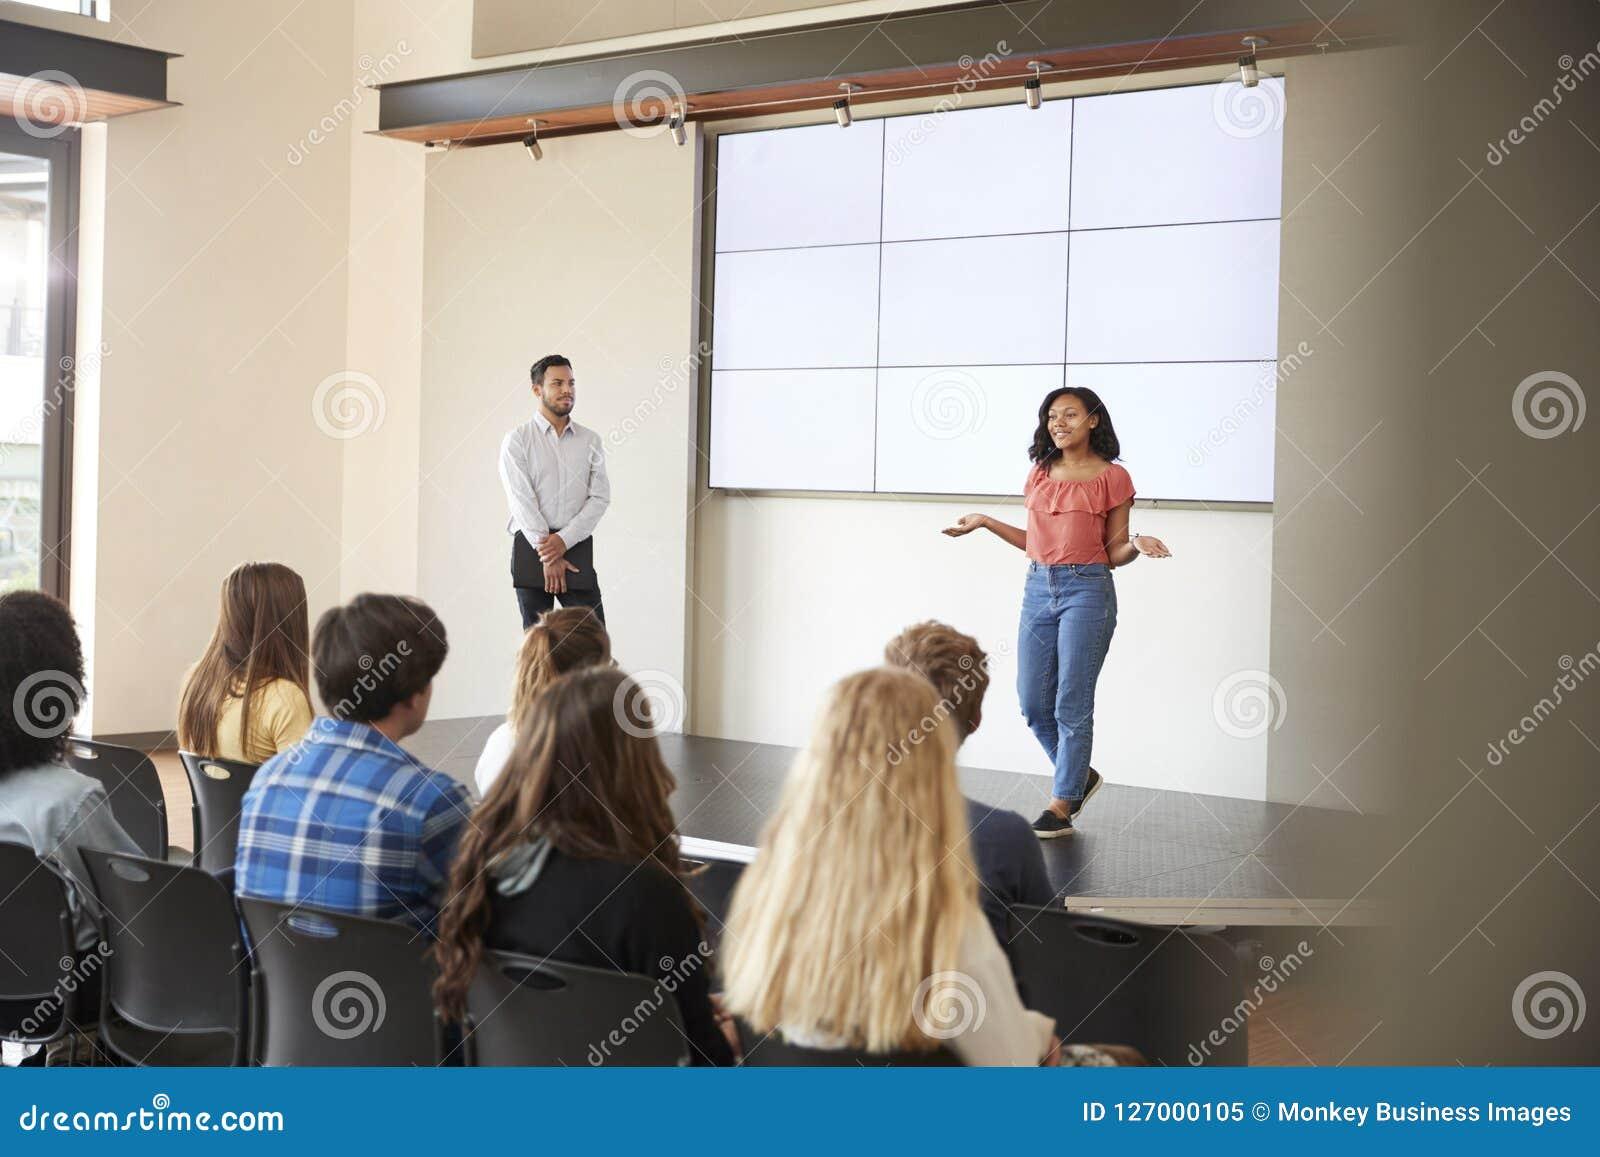 För Giving Presentation To för kvinnlig student grupp högstadium i Front Of Screen